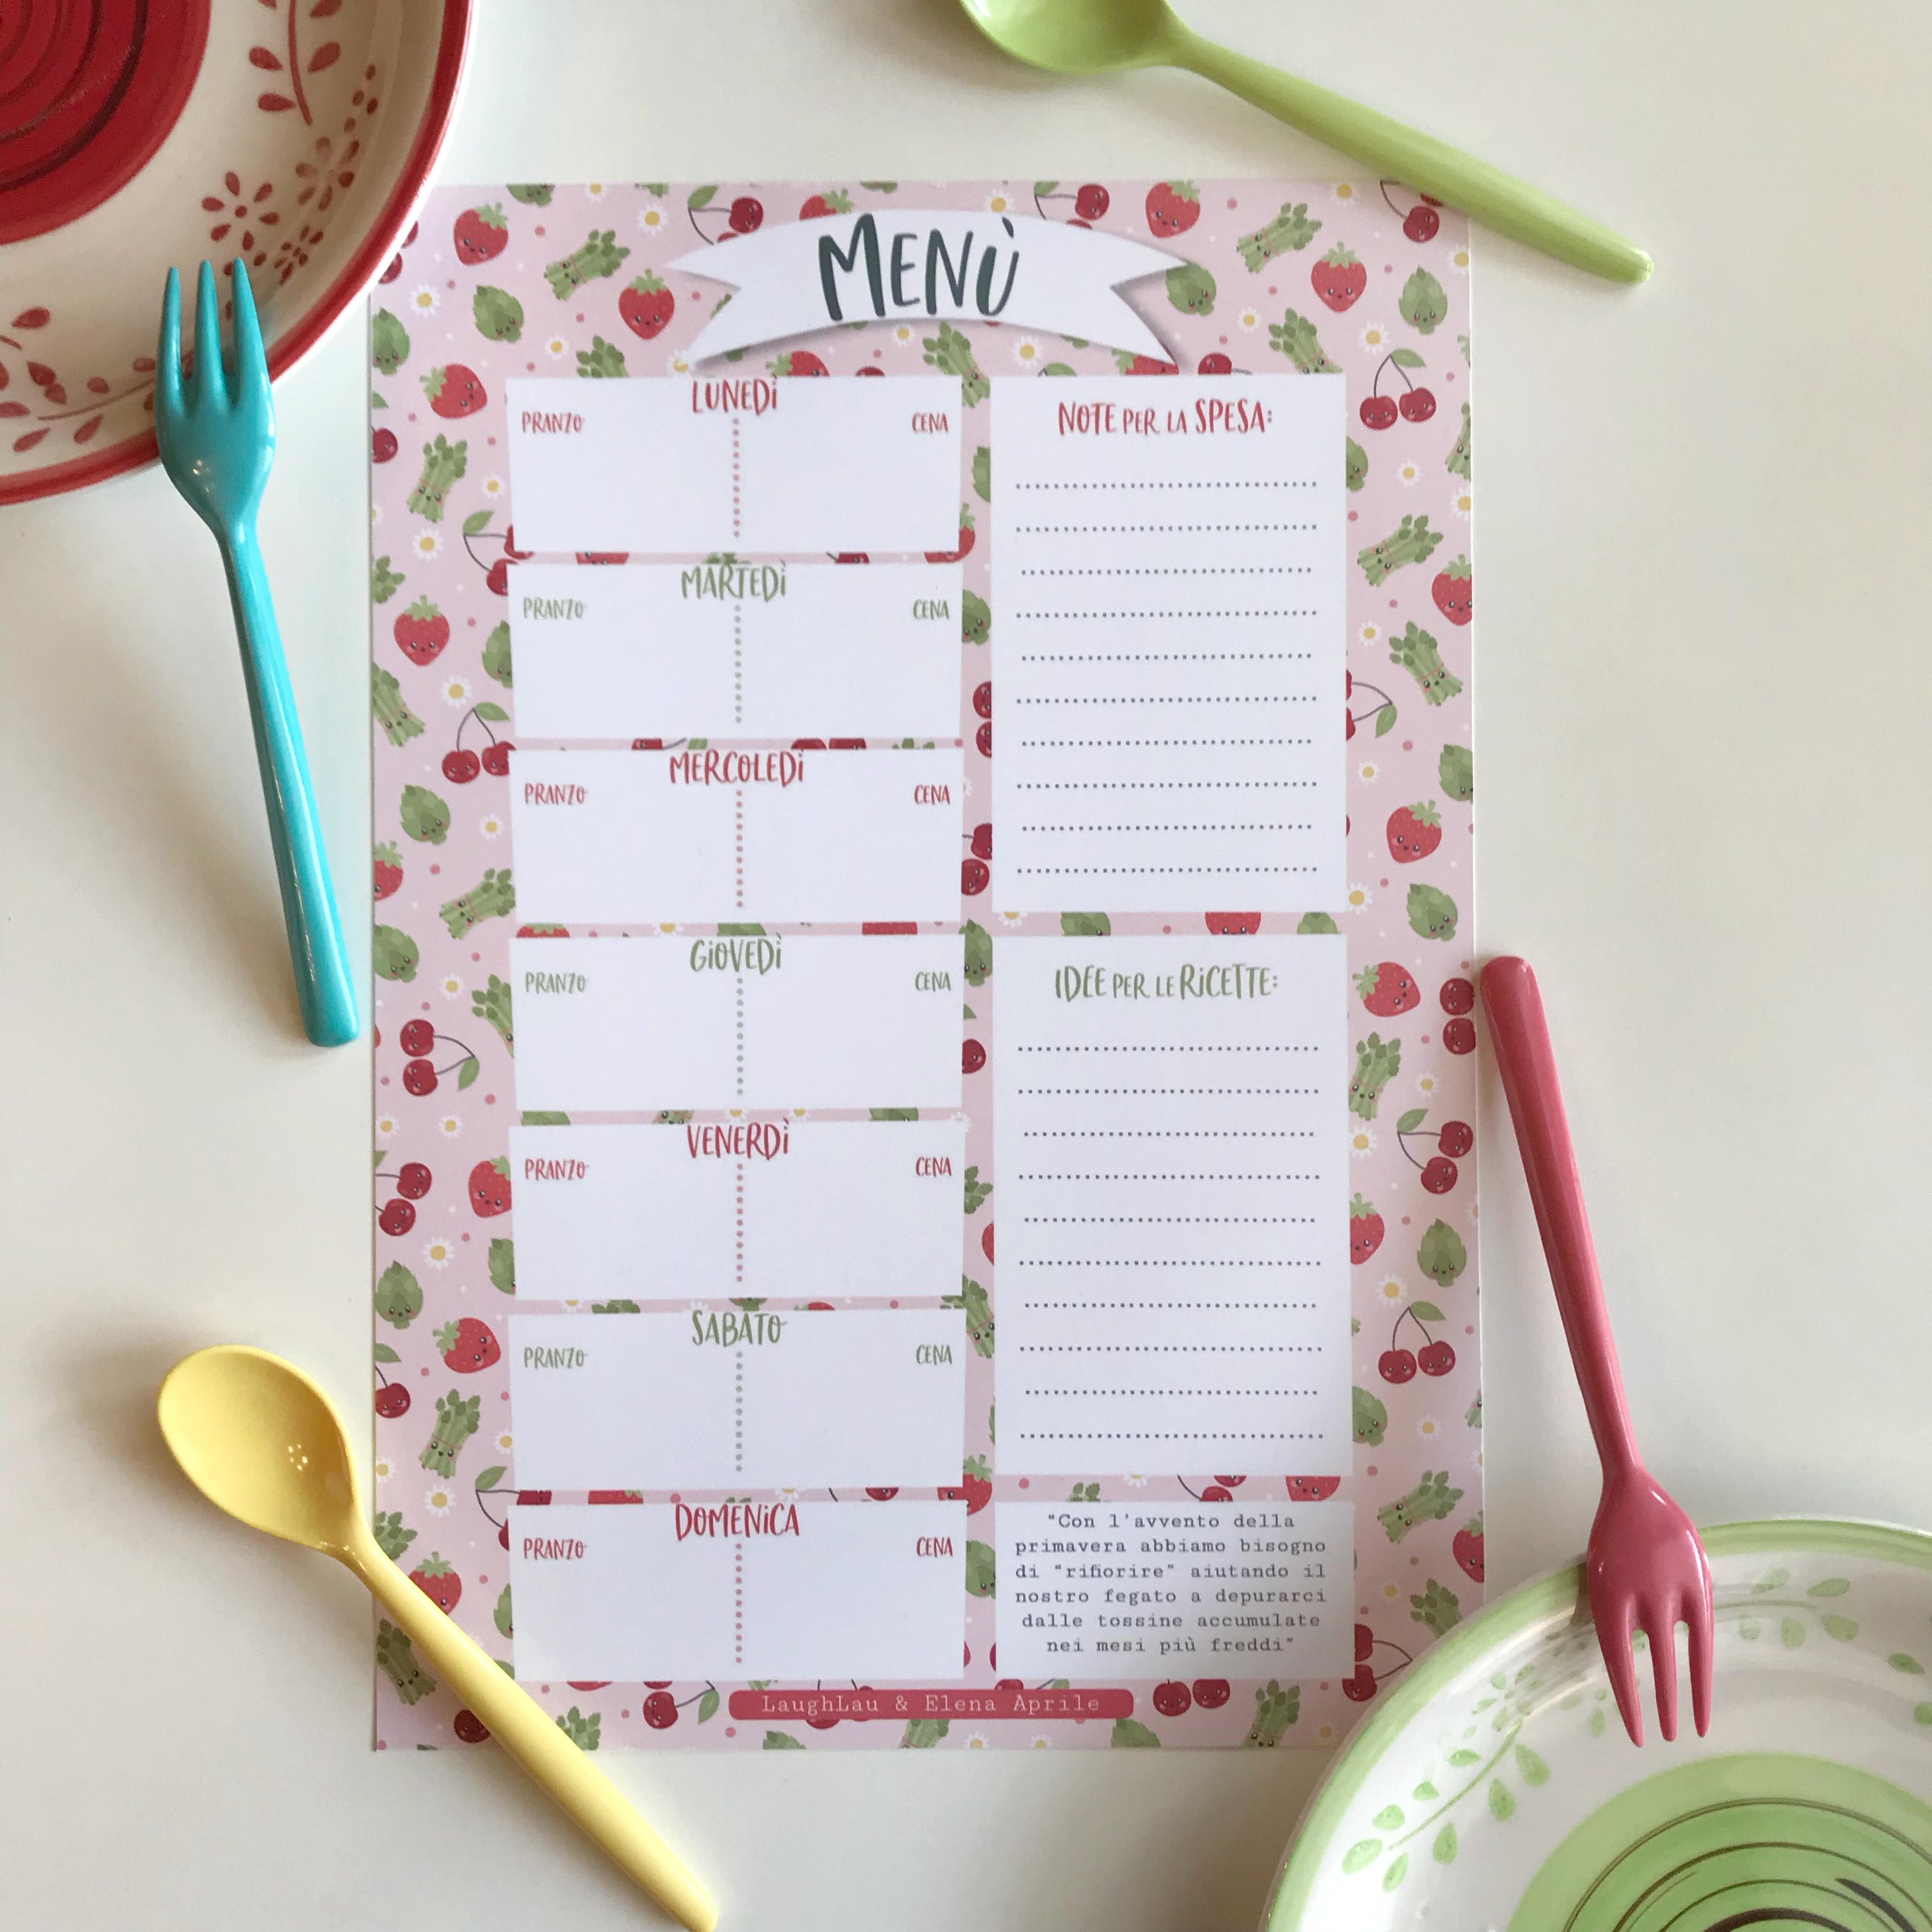 Come Organizzare I Pasti Settimanali dott.ssa elena aprile dietista | planning - un planning